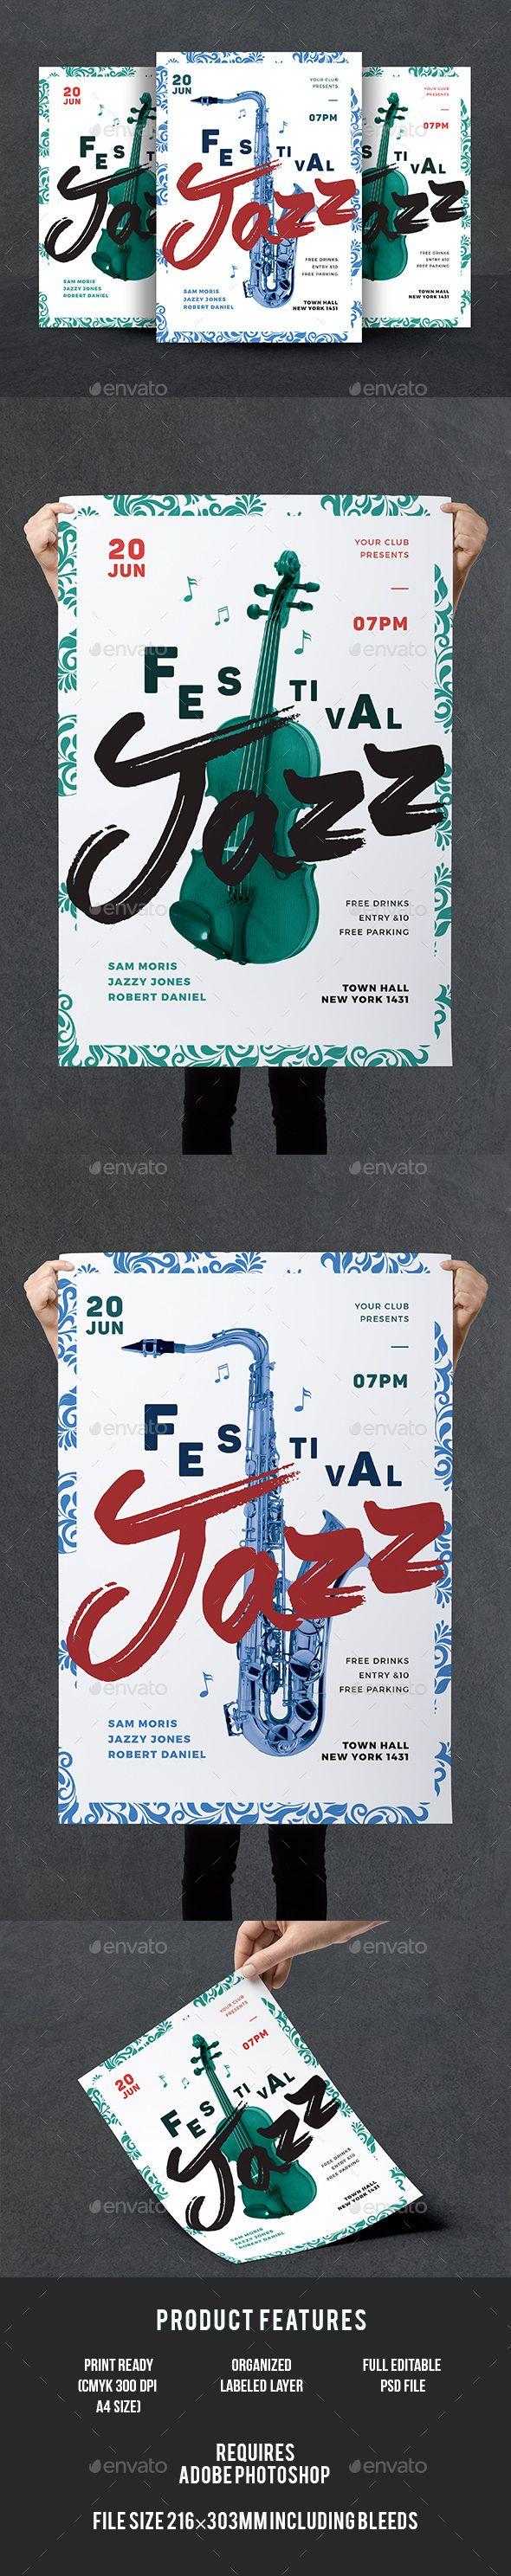 Jazz Flyer Template PSD